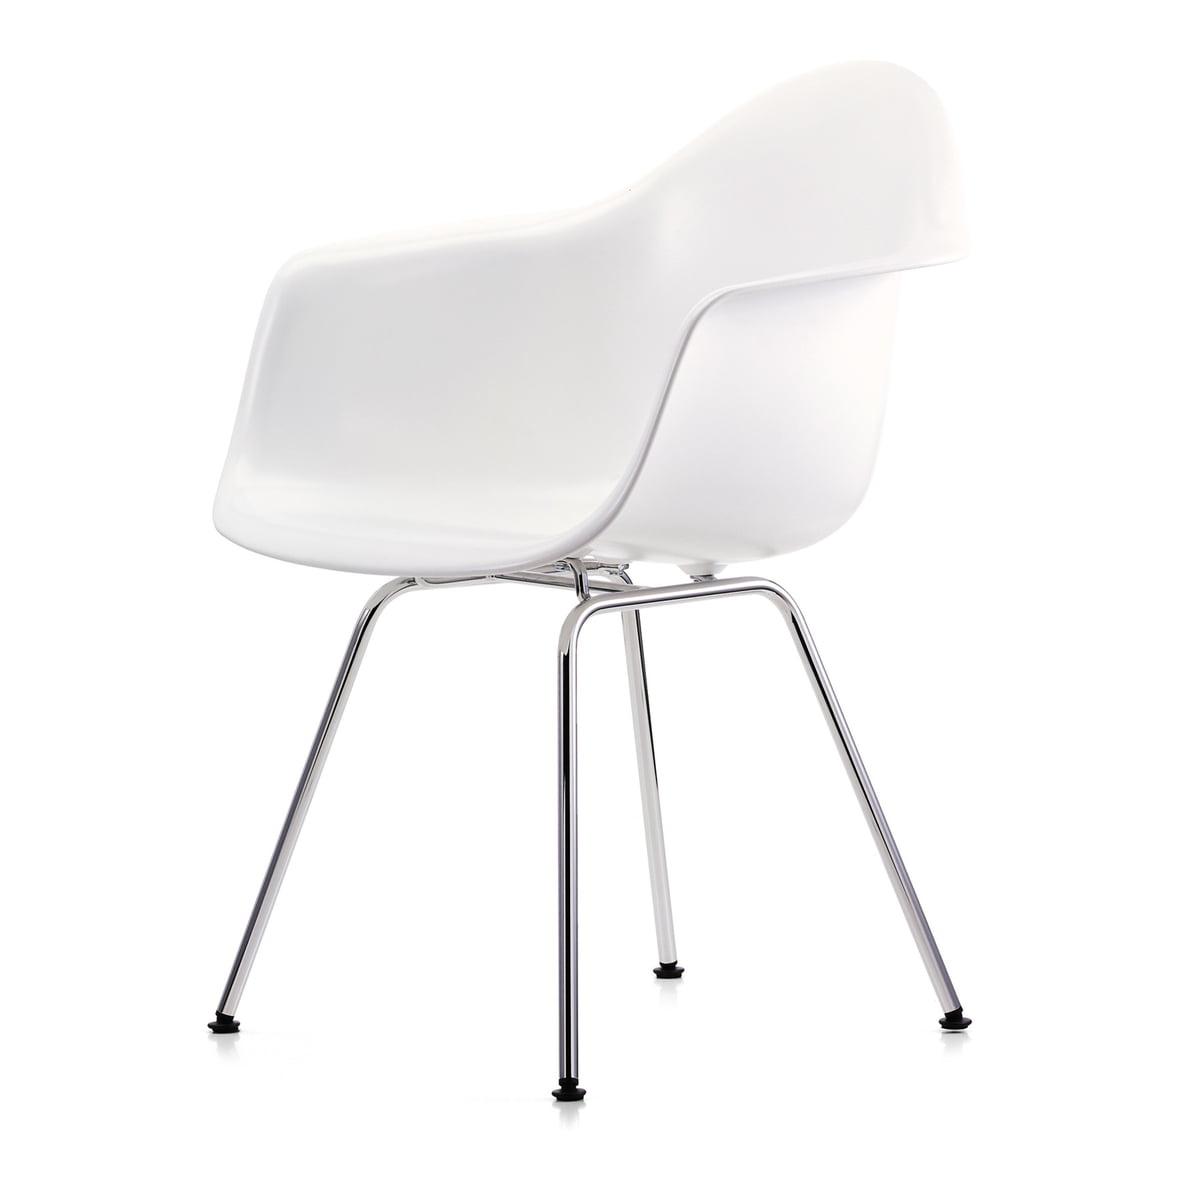 Vitra - Eames Plastic Armchair DAX, verchromt / weiß (Kunststoffgleiter basic dark)   Küche und Esszimmer > Stühle und Hocker > Armlehnstühle   Weiß   Vitra